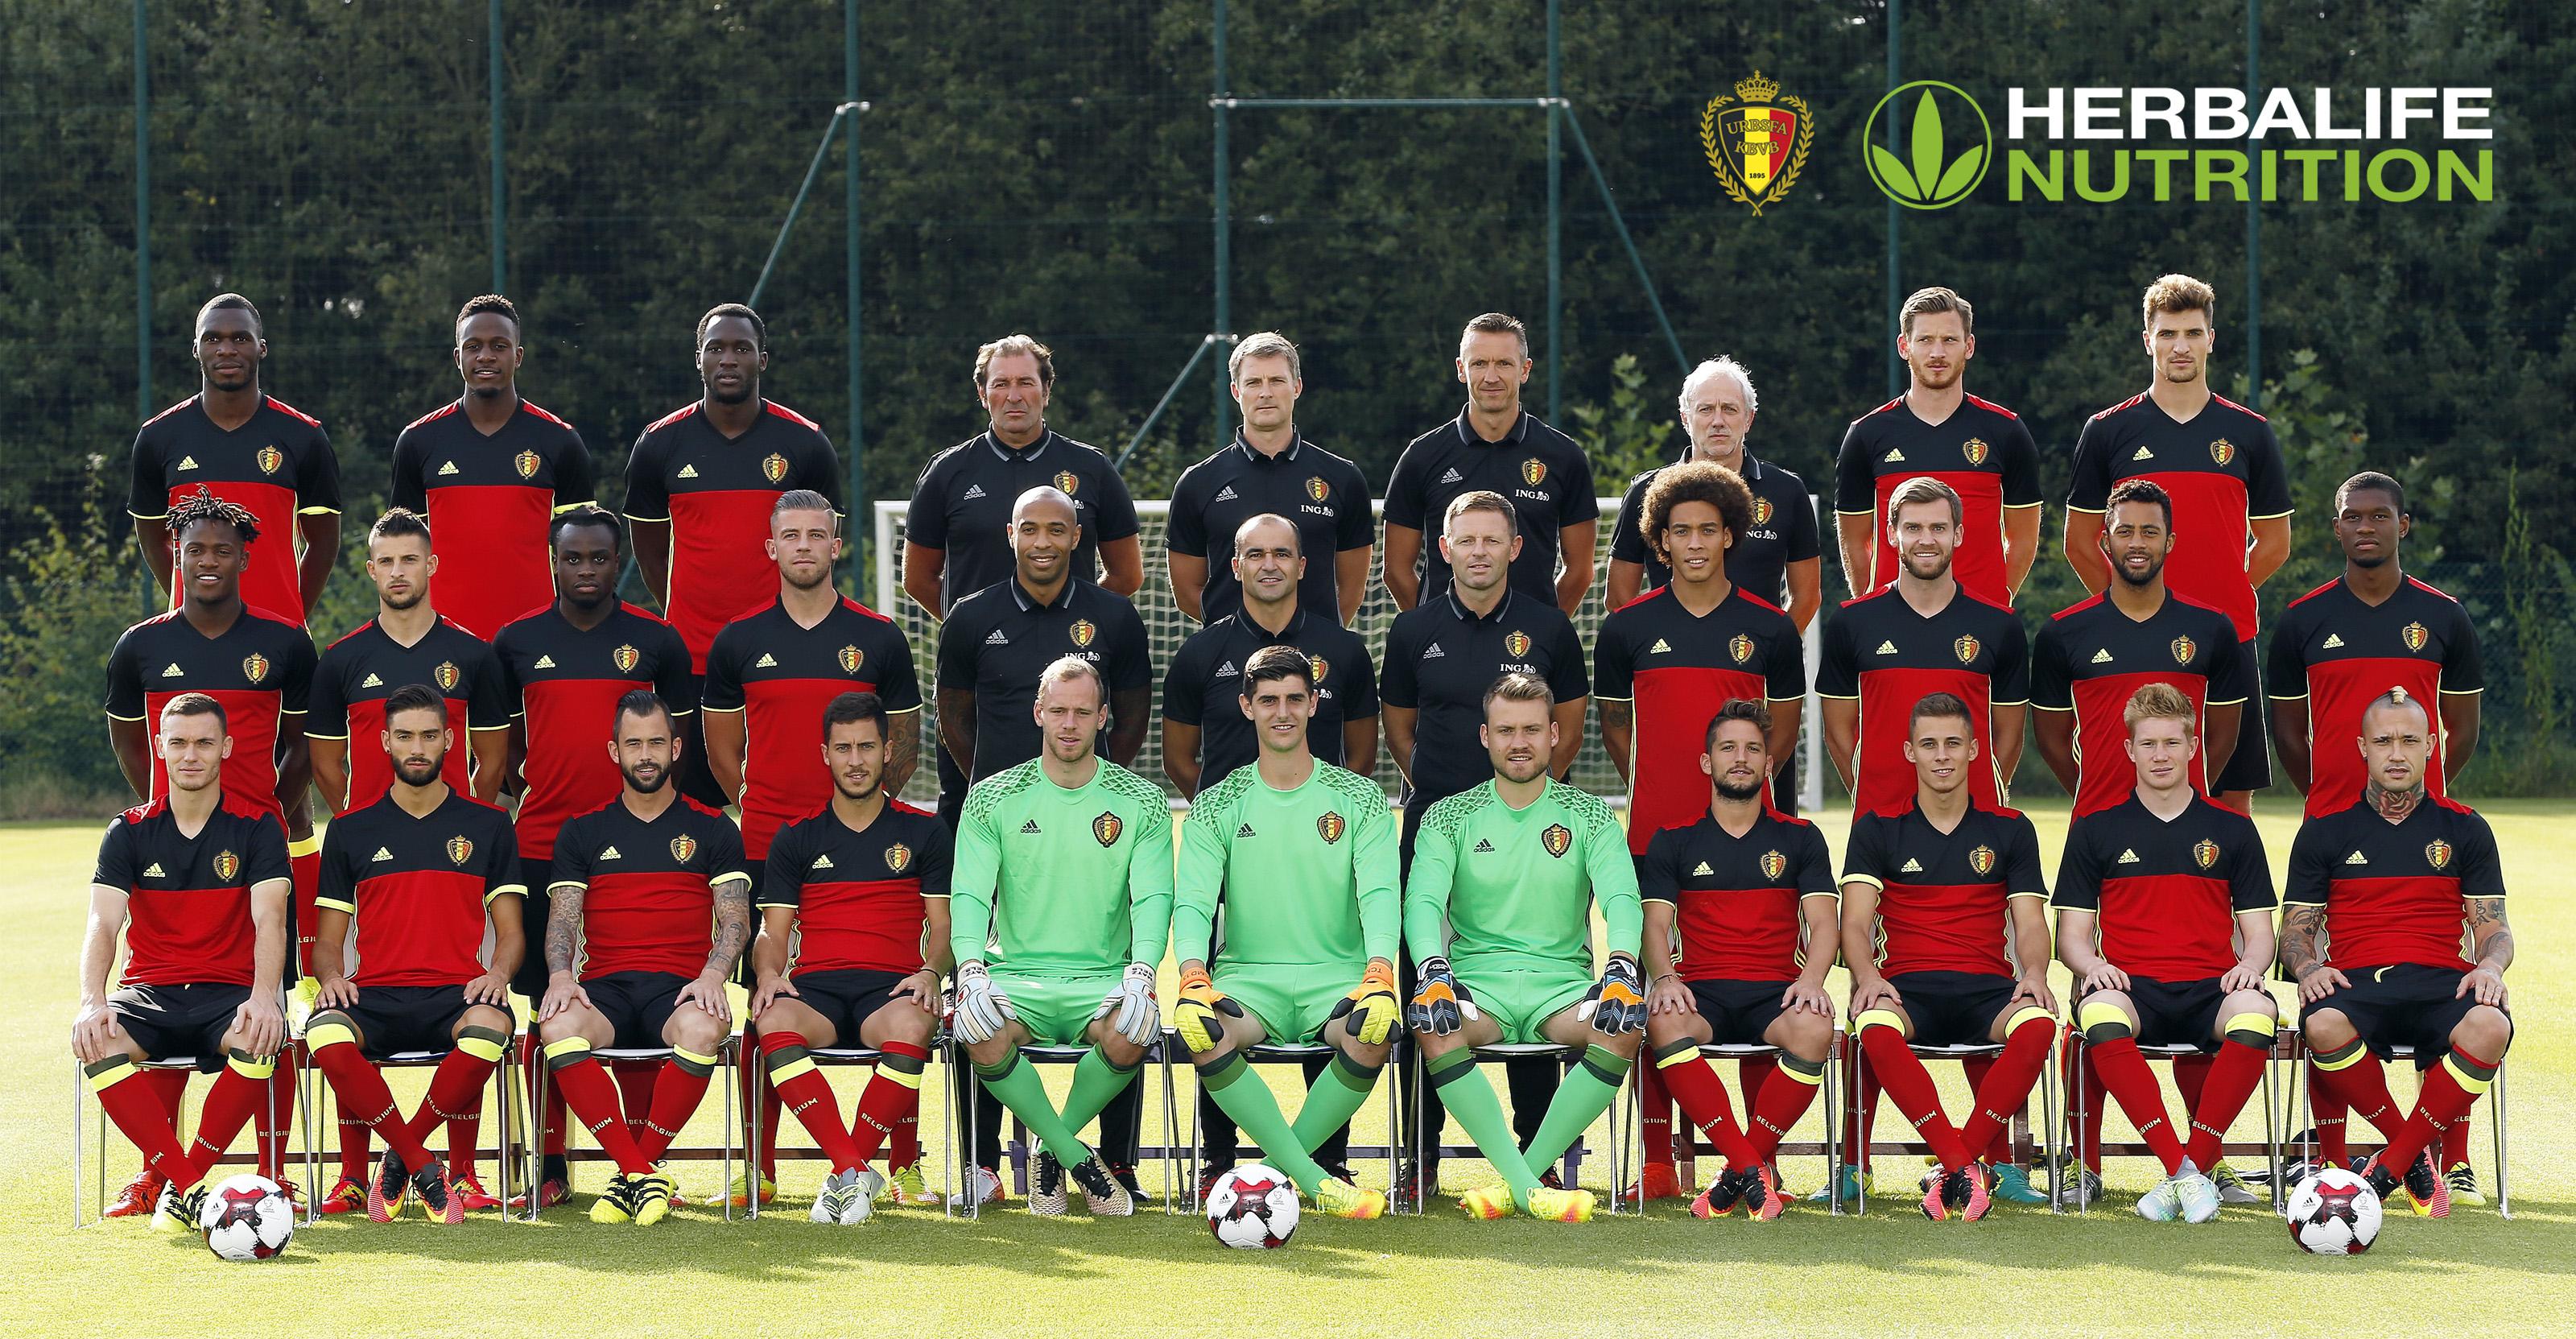 Herbalife België is vanaf vandaag de officiële voedingspartner van de Koninklijke Belgische Voetbalbond